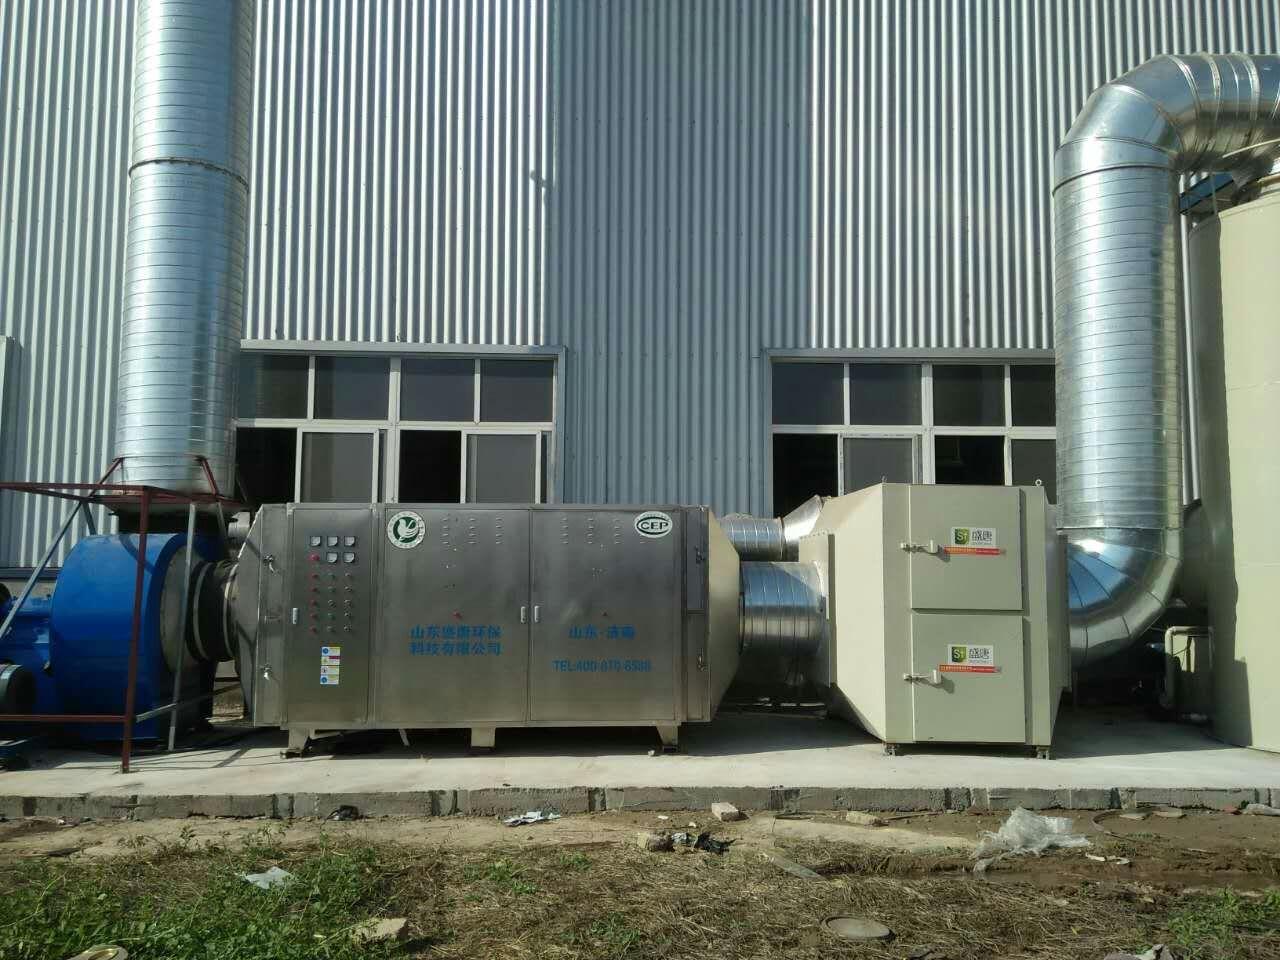 盛唐环保-废气处理设备研发制造,品质有保障!